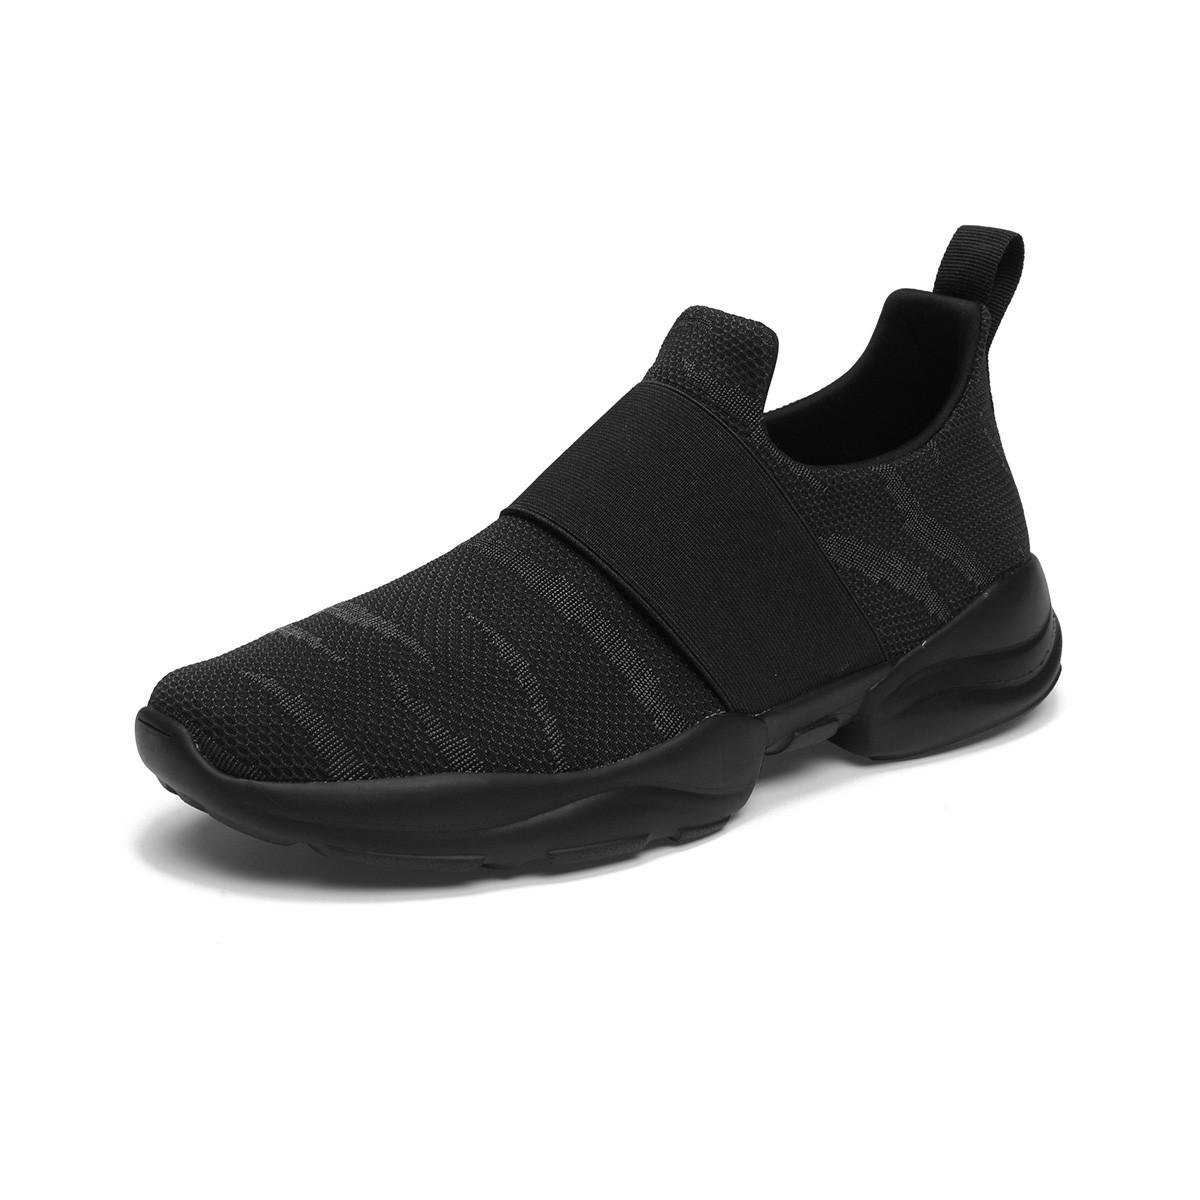 快乐玛丽秋冬新款男鞋美式休闲舒适套脚厚底增高时尚迷彩男士懒人鞋运动鞋78198M01